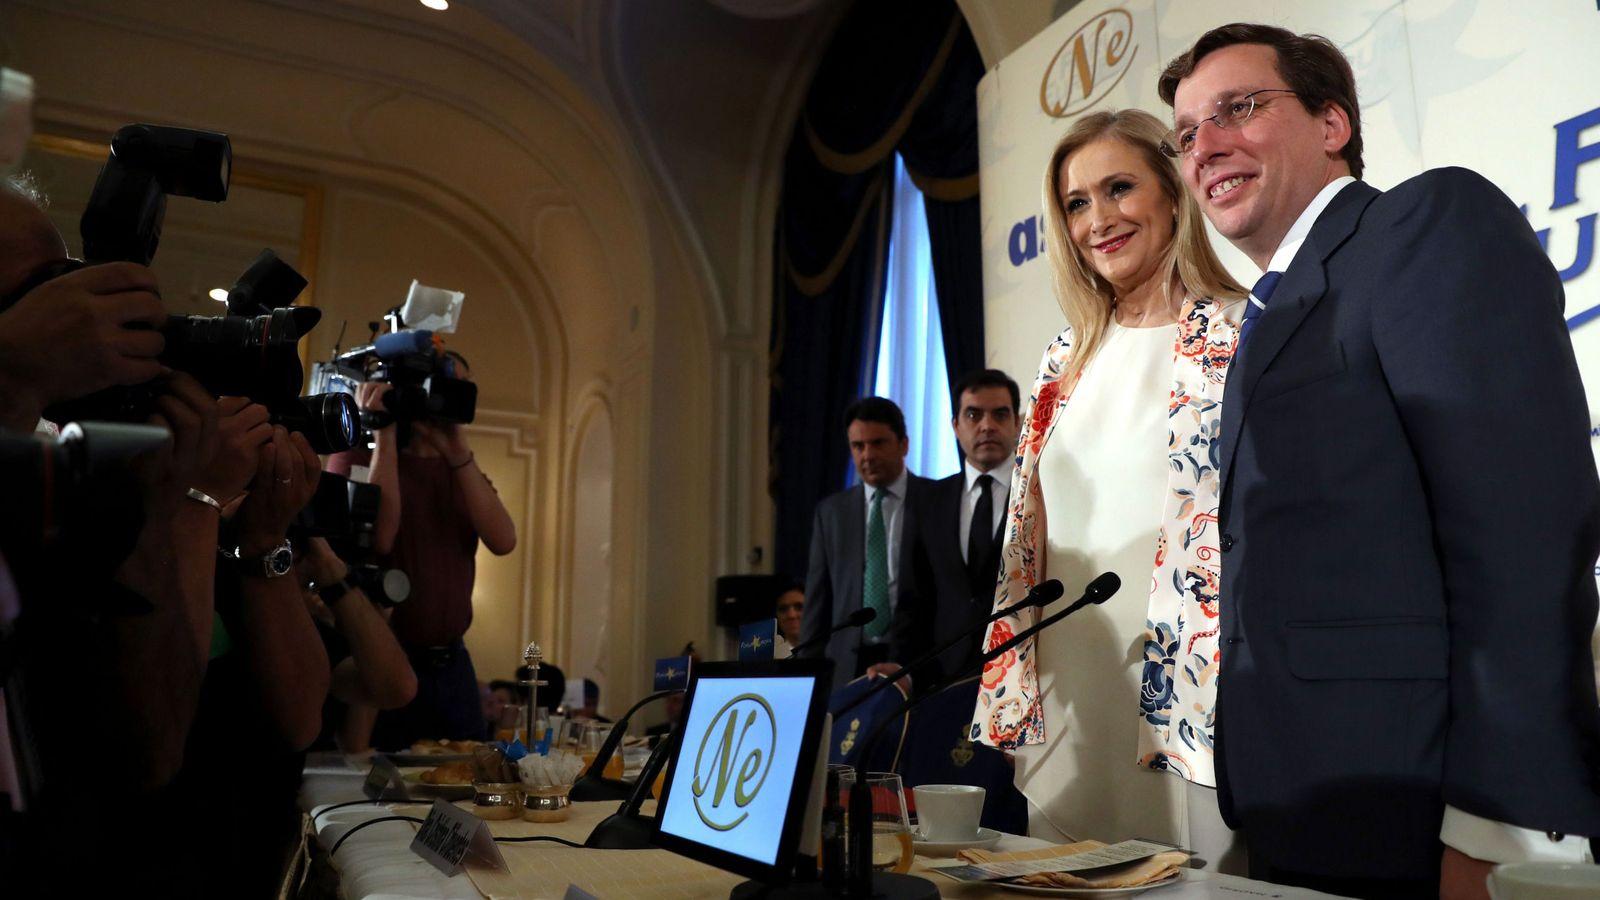 Foto: El portavoz del PP en el Ayuntamiento de Madrid, José Luis Martínez-Almeida, junto a la presidenta de la Comunidad de Madrid, Cristina Cifuentes. (EFE)